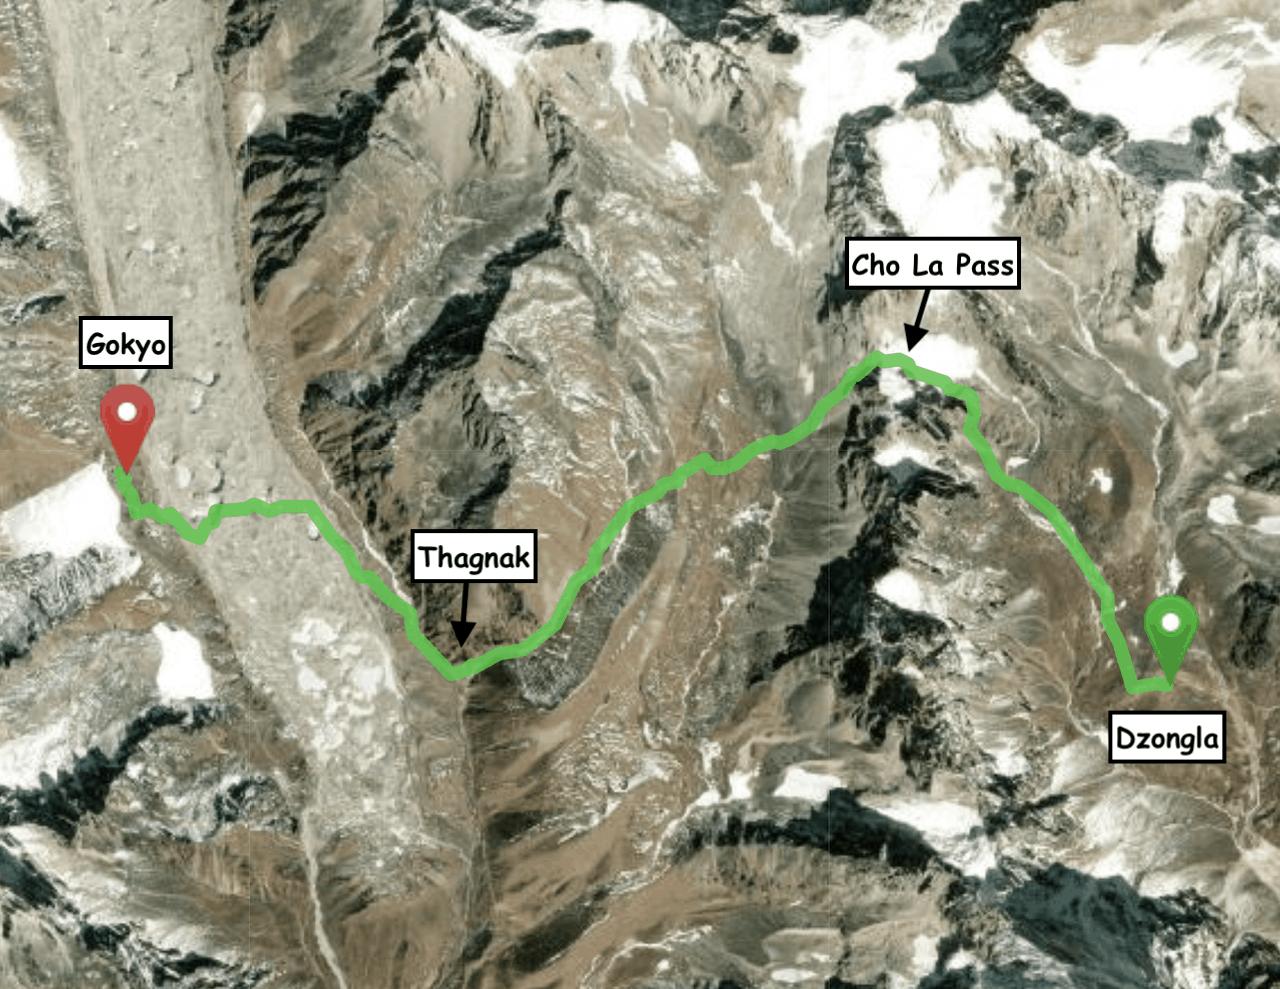 Cho La Pass Hike Map